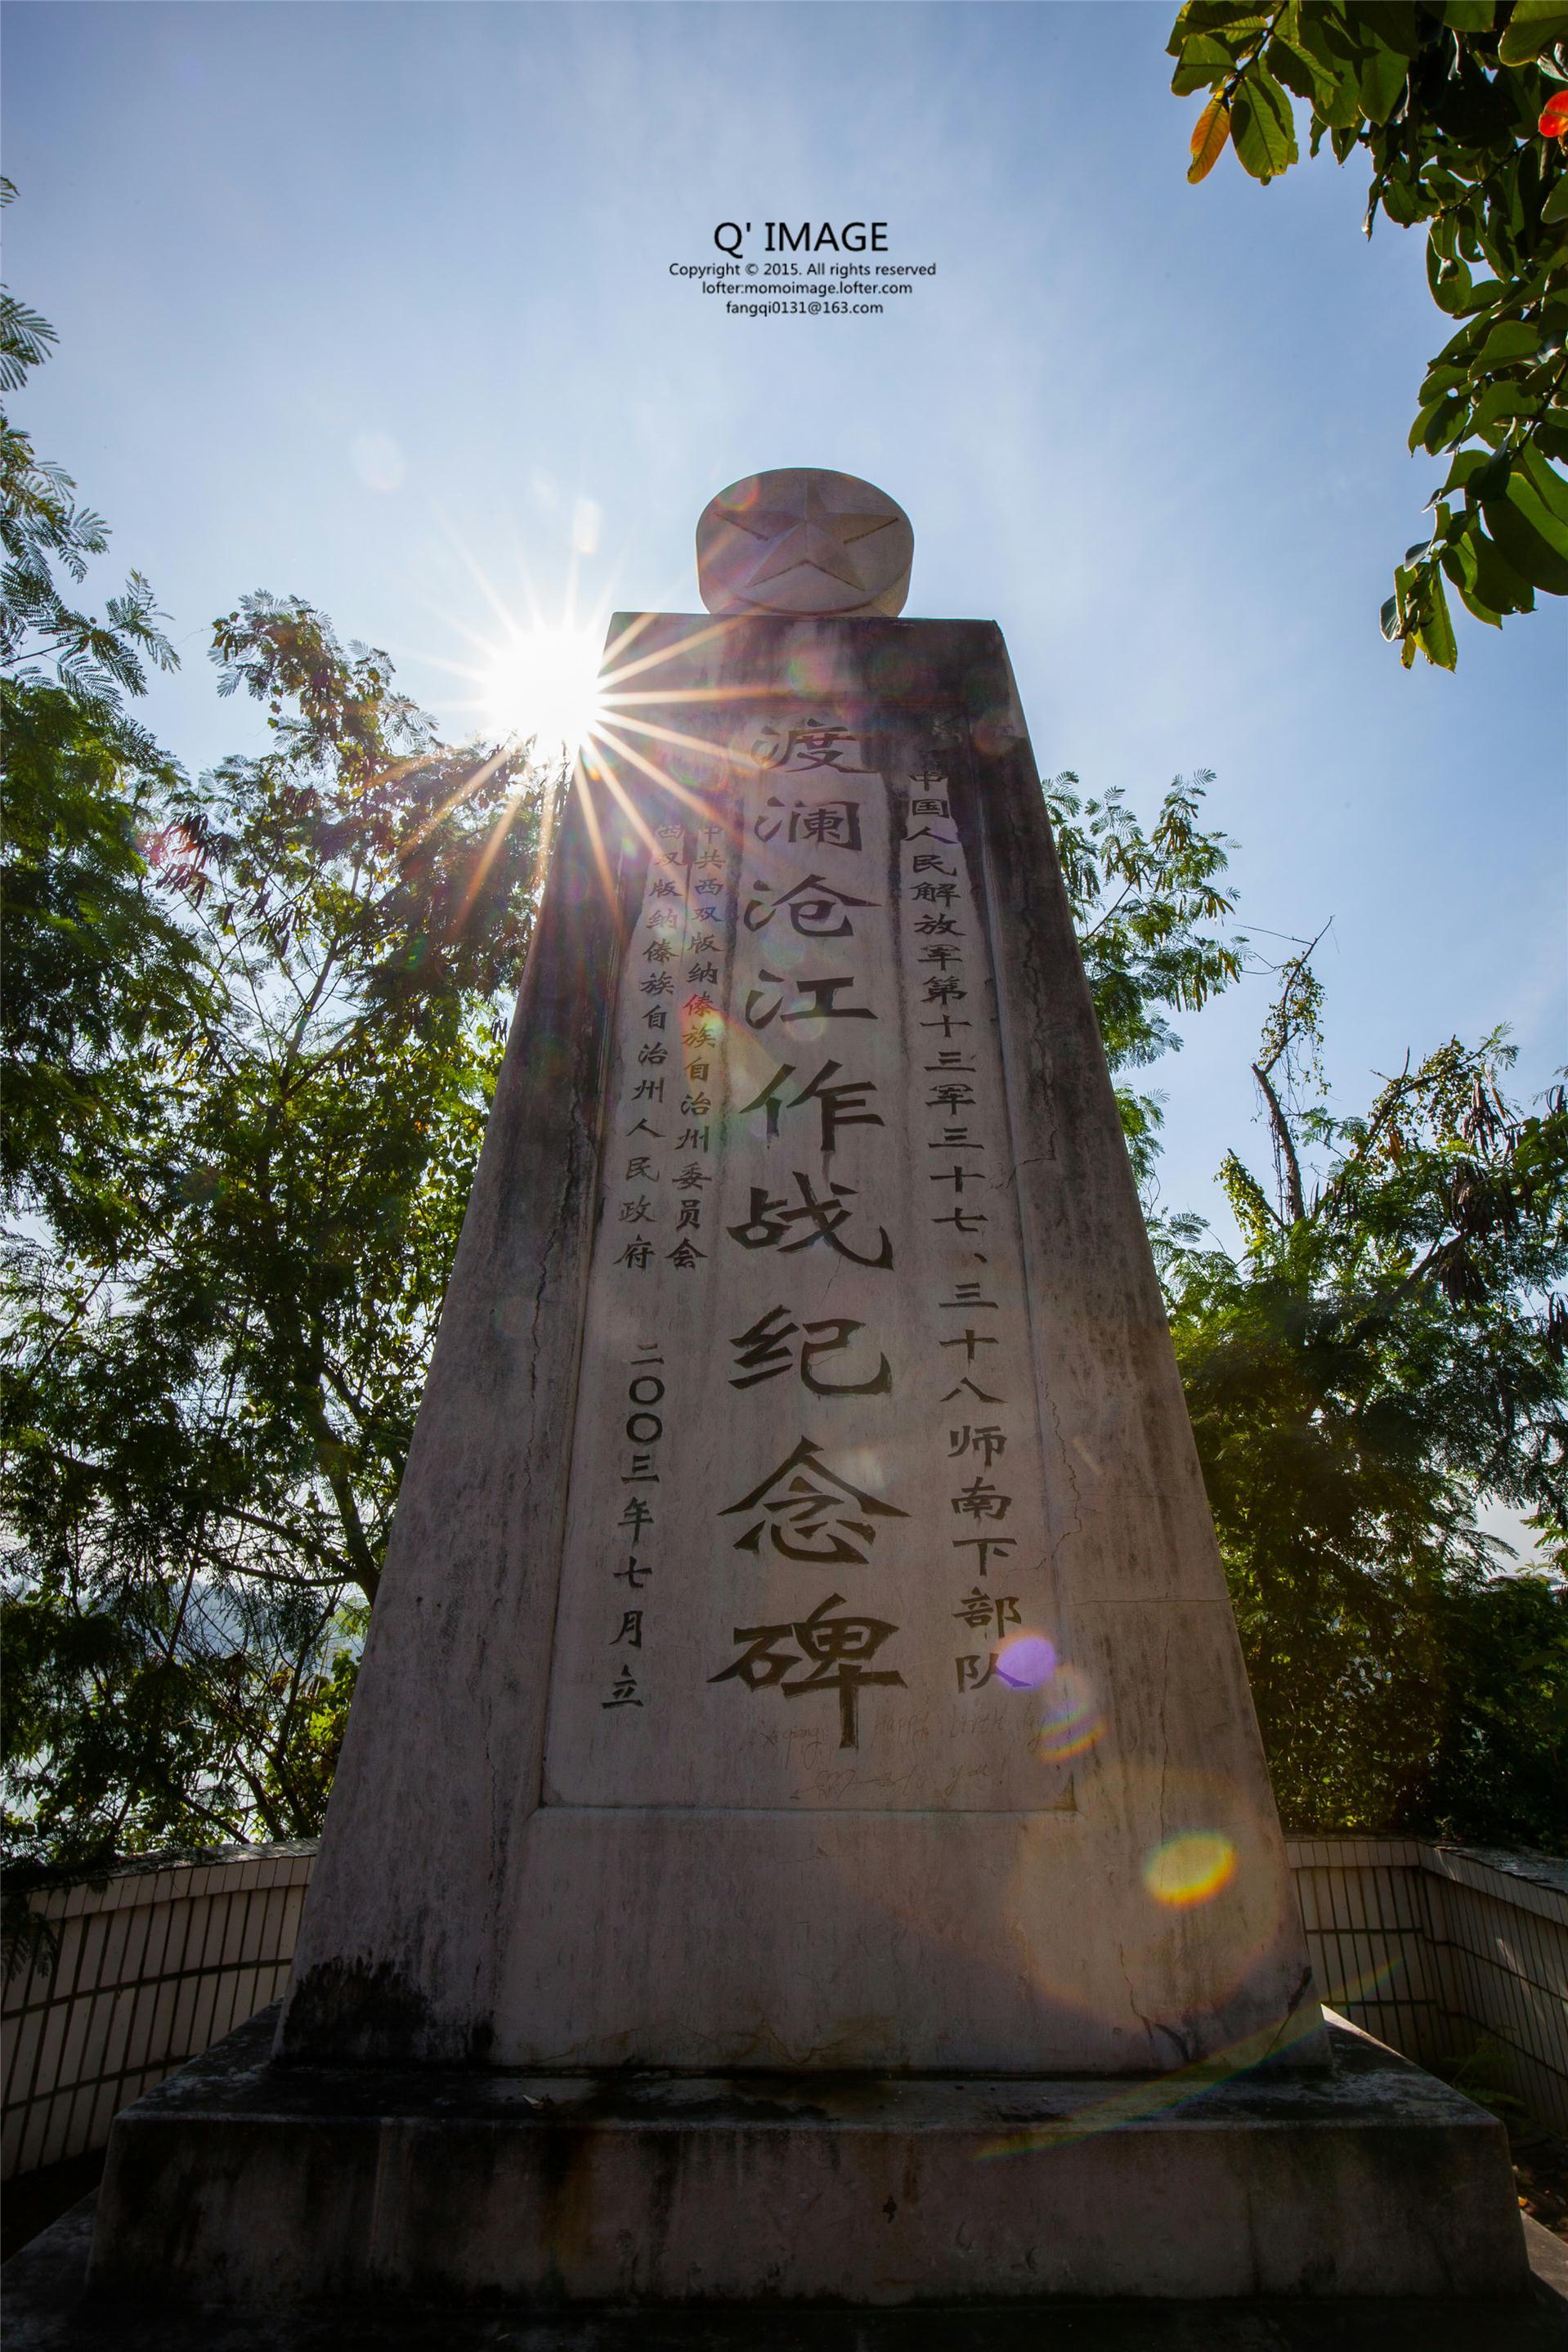 渡澜沧江作战纪念碑